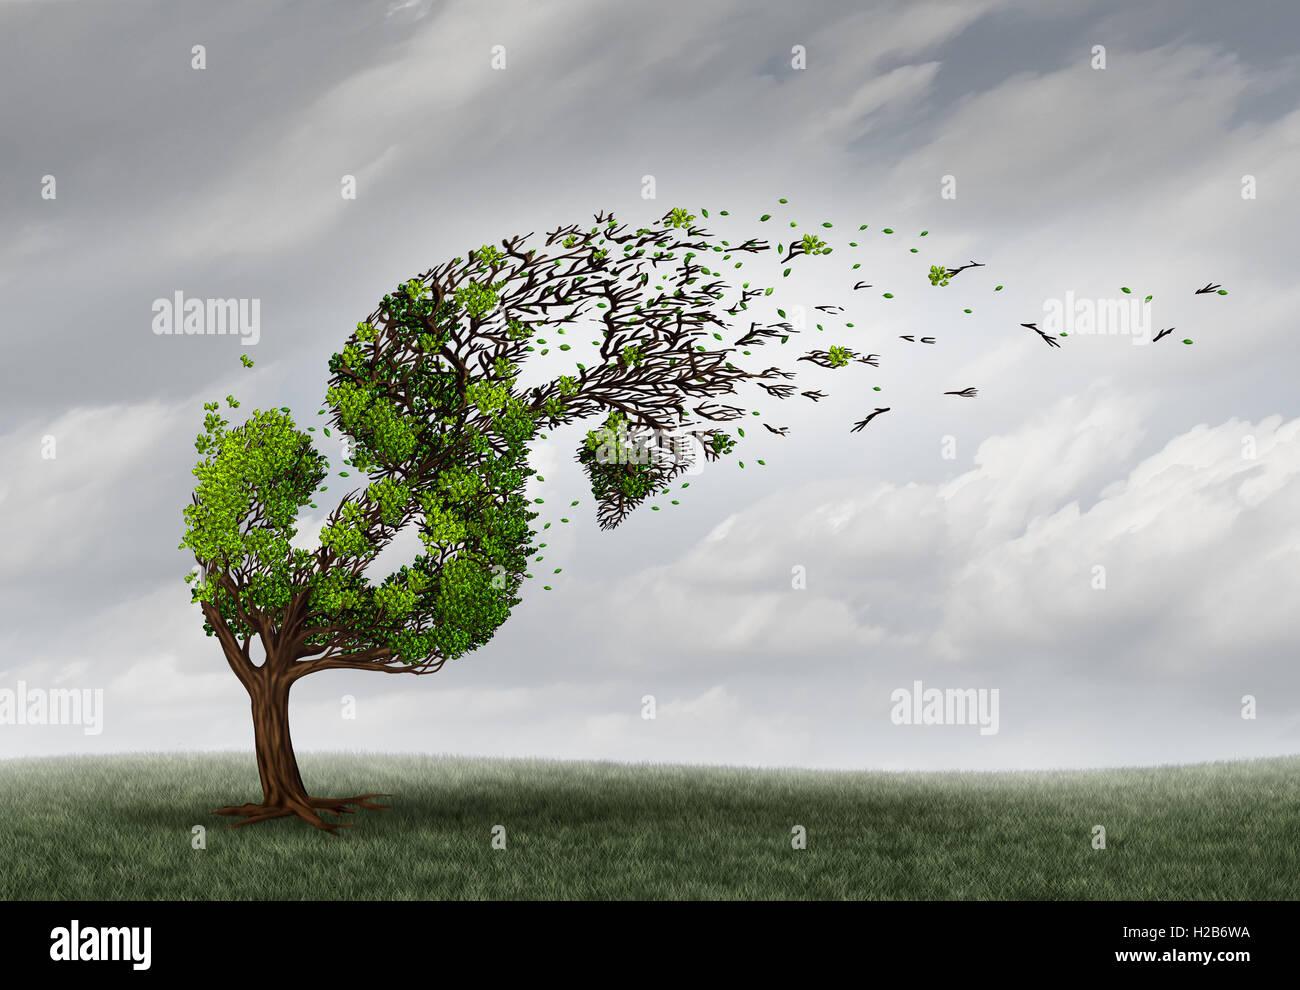 Finanzielle Probleme und Geld Widrigkeiten oder Wirtschaftskrise Konzept als Baum wird vom Wind und beschädigt Stockbild